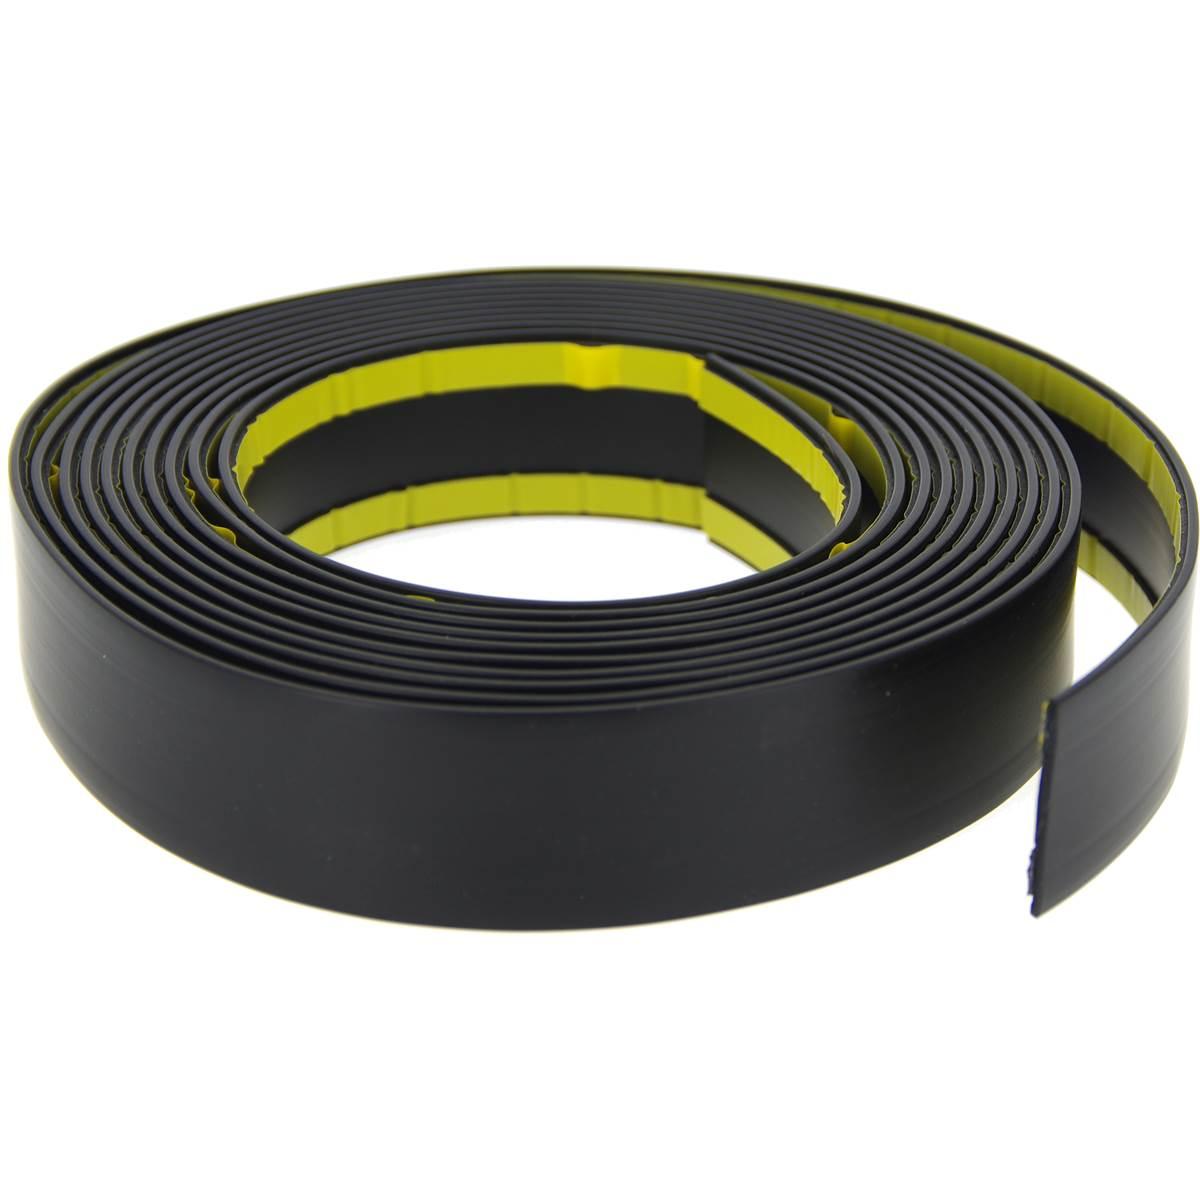 Baguette de protection noire 40mm X 4m